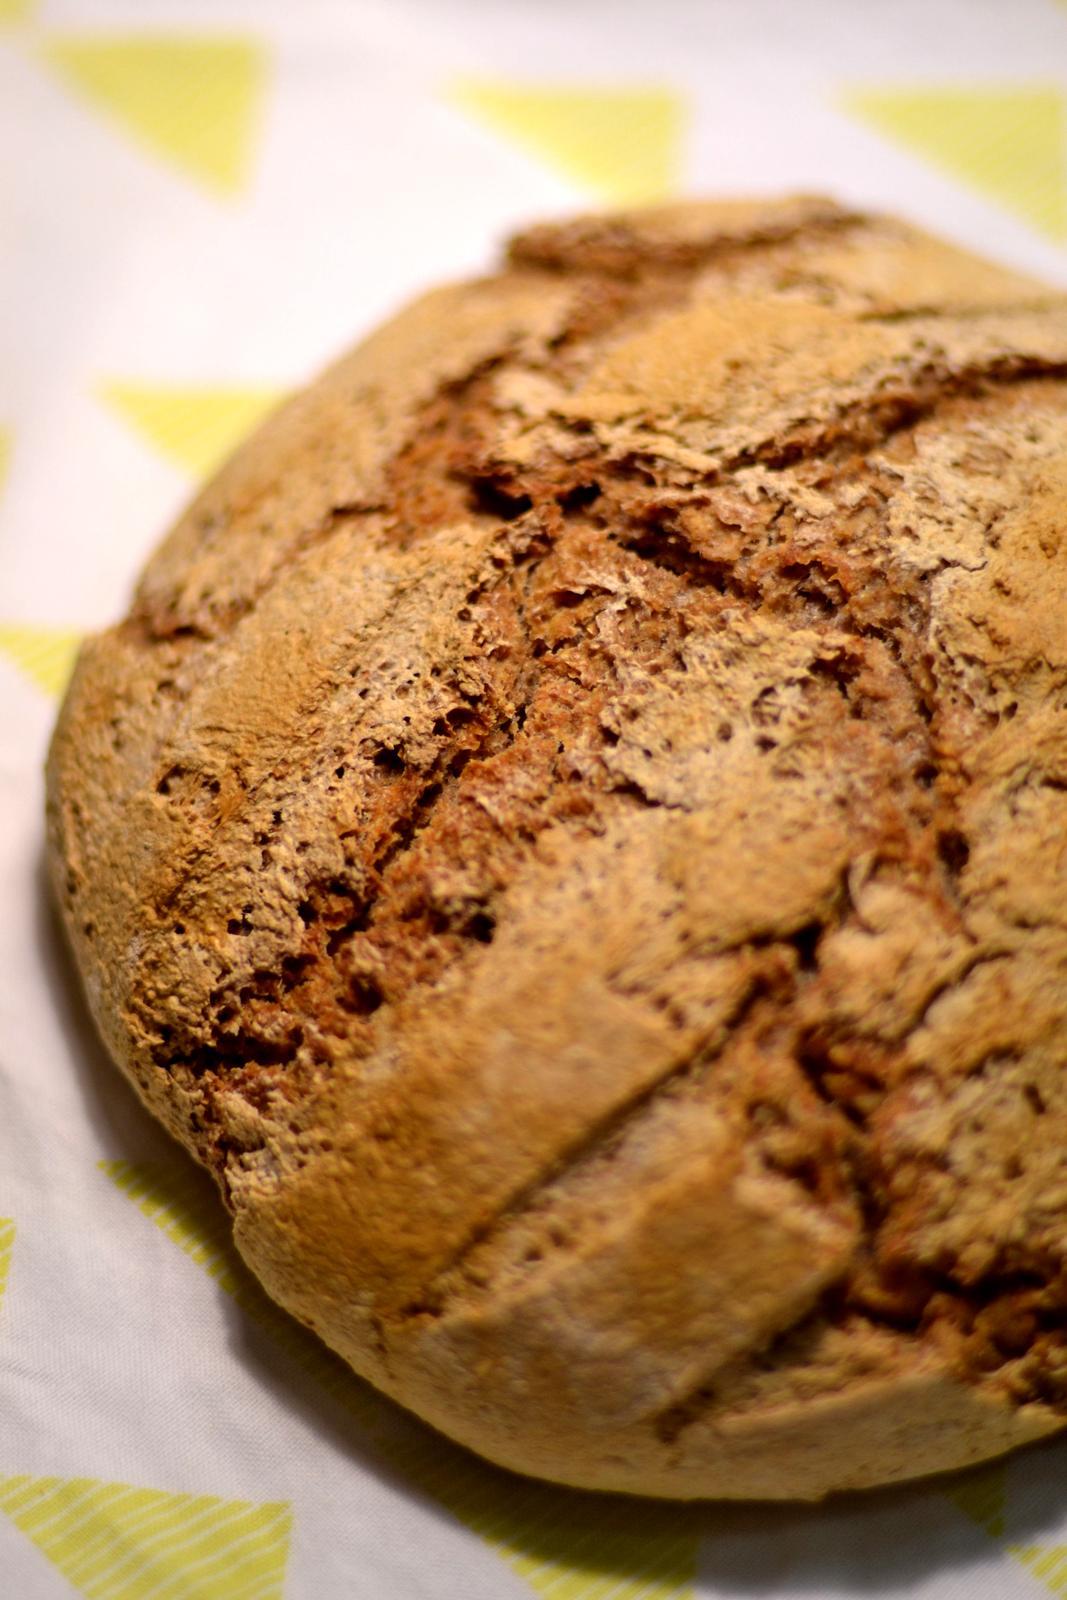 Upečeno a uvařeno u nás doma - Celozrnný kváskový chleba